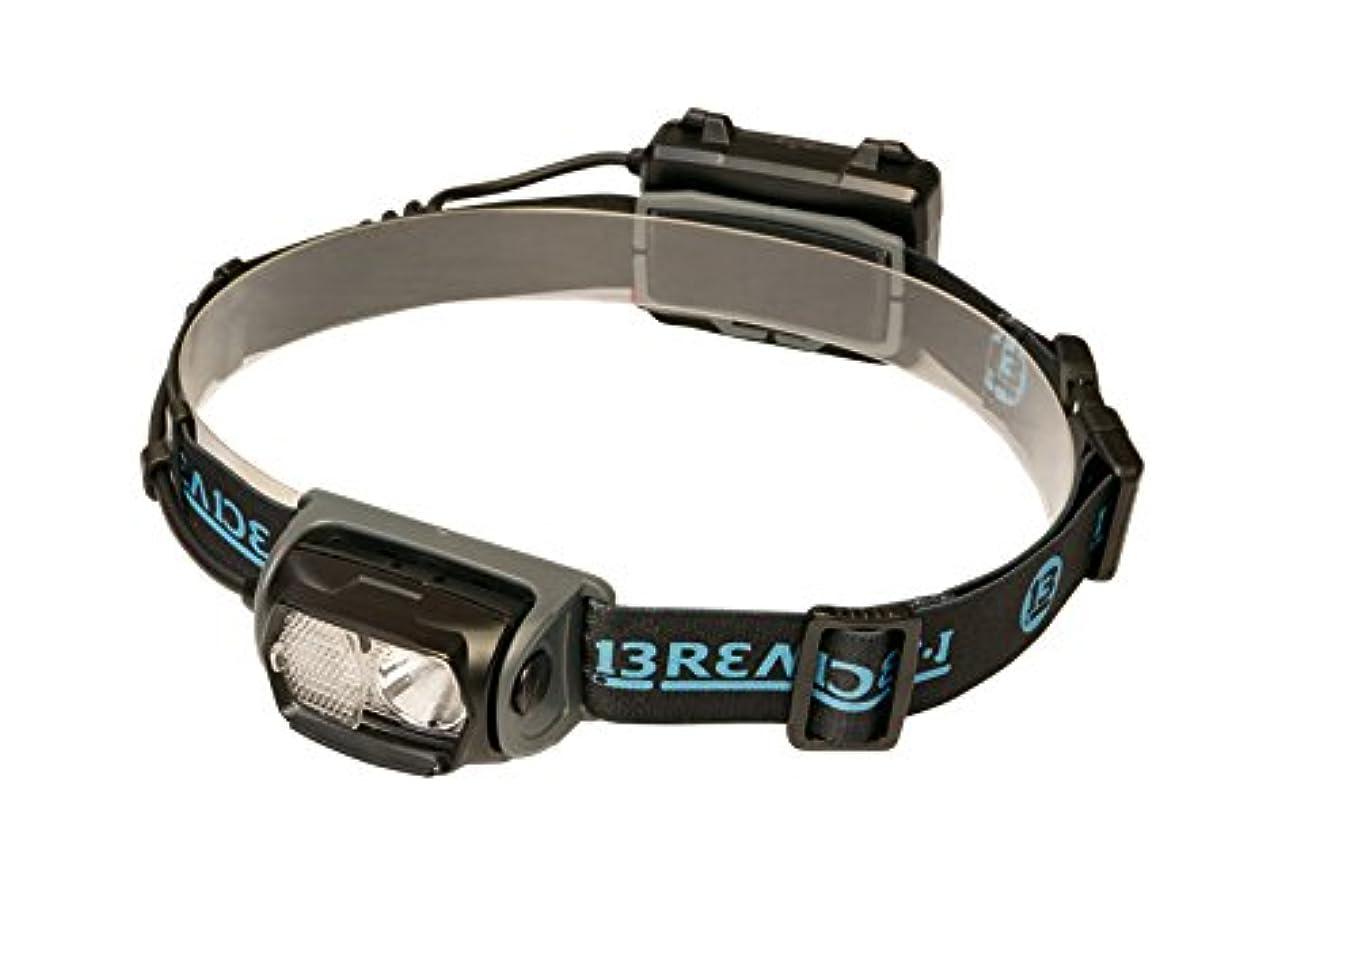 コードレス噛む障害ブリーデン(BREADEN) ネックライト(BNL-02)/BLACK